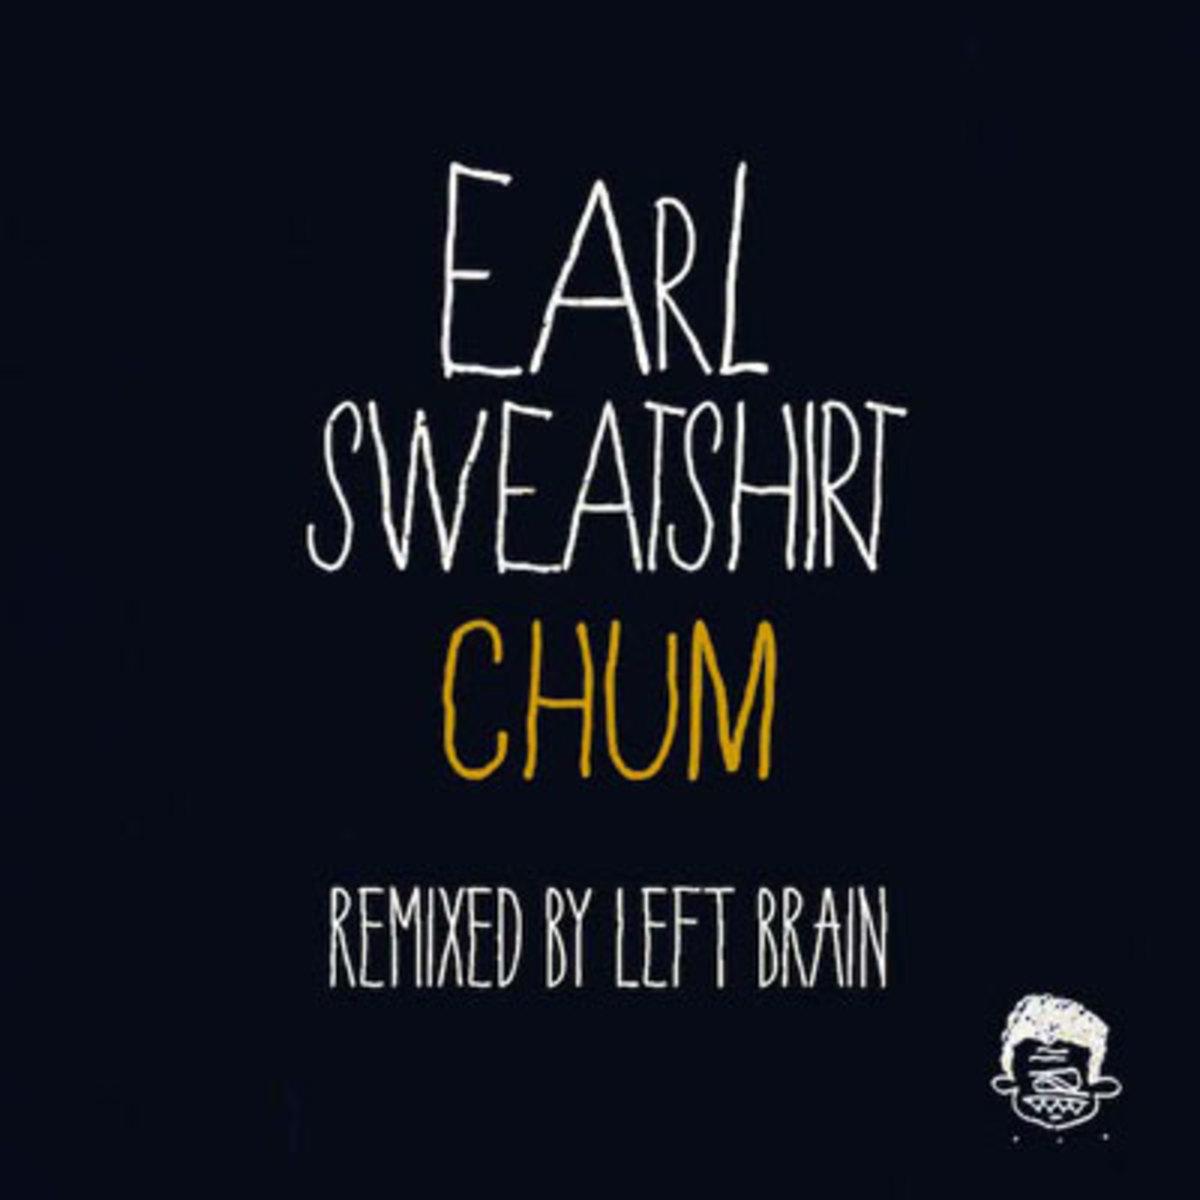 earlsweatshirt-chumrmx.jpg